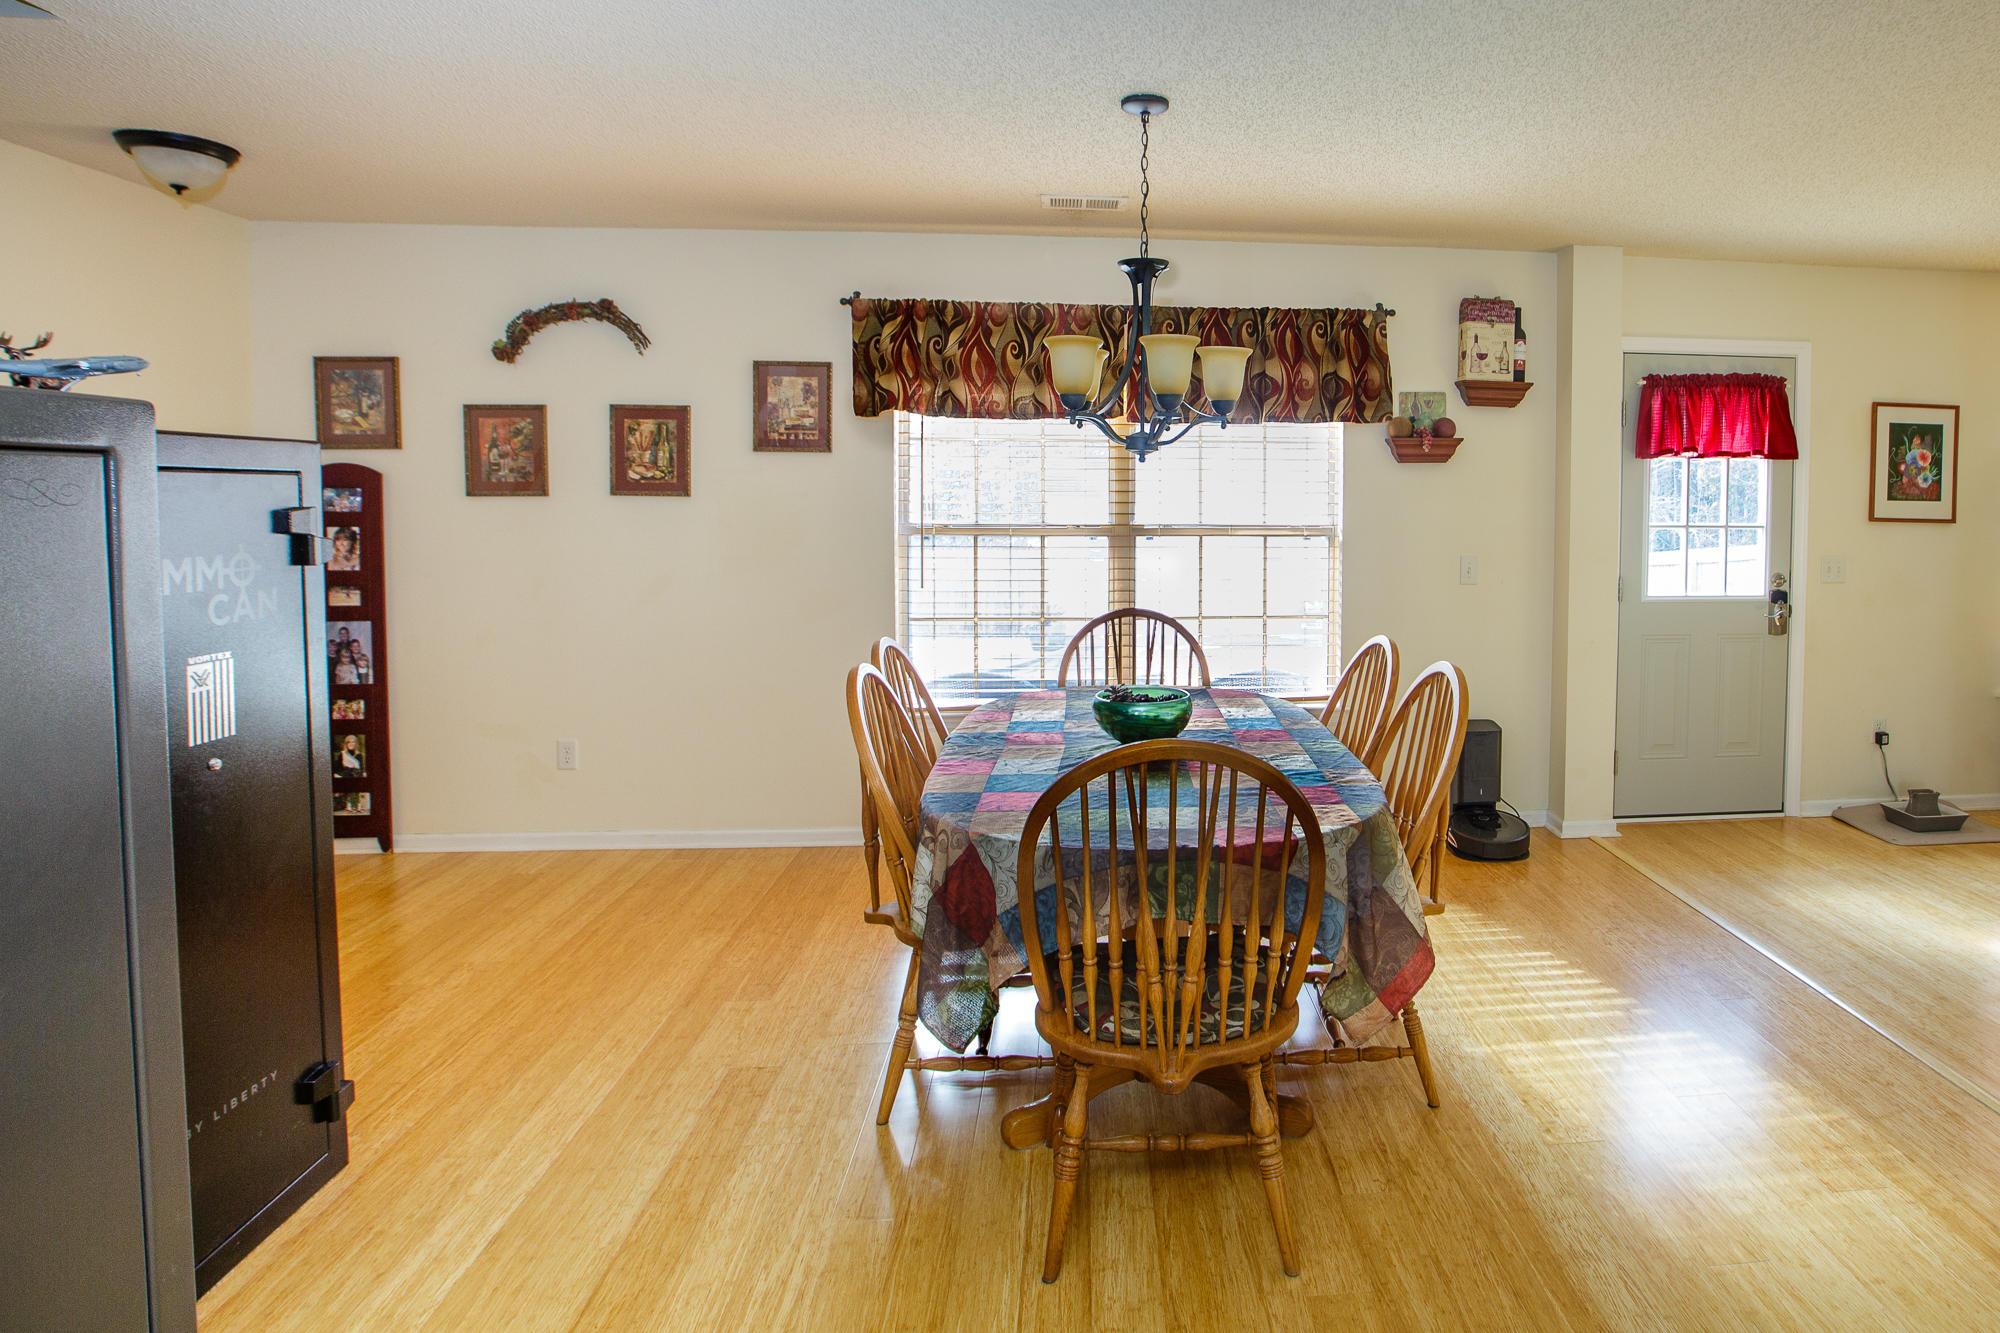 Hawthorne Place Homes For Sale - 347 Cohen, Ladson, SC - 4